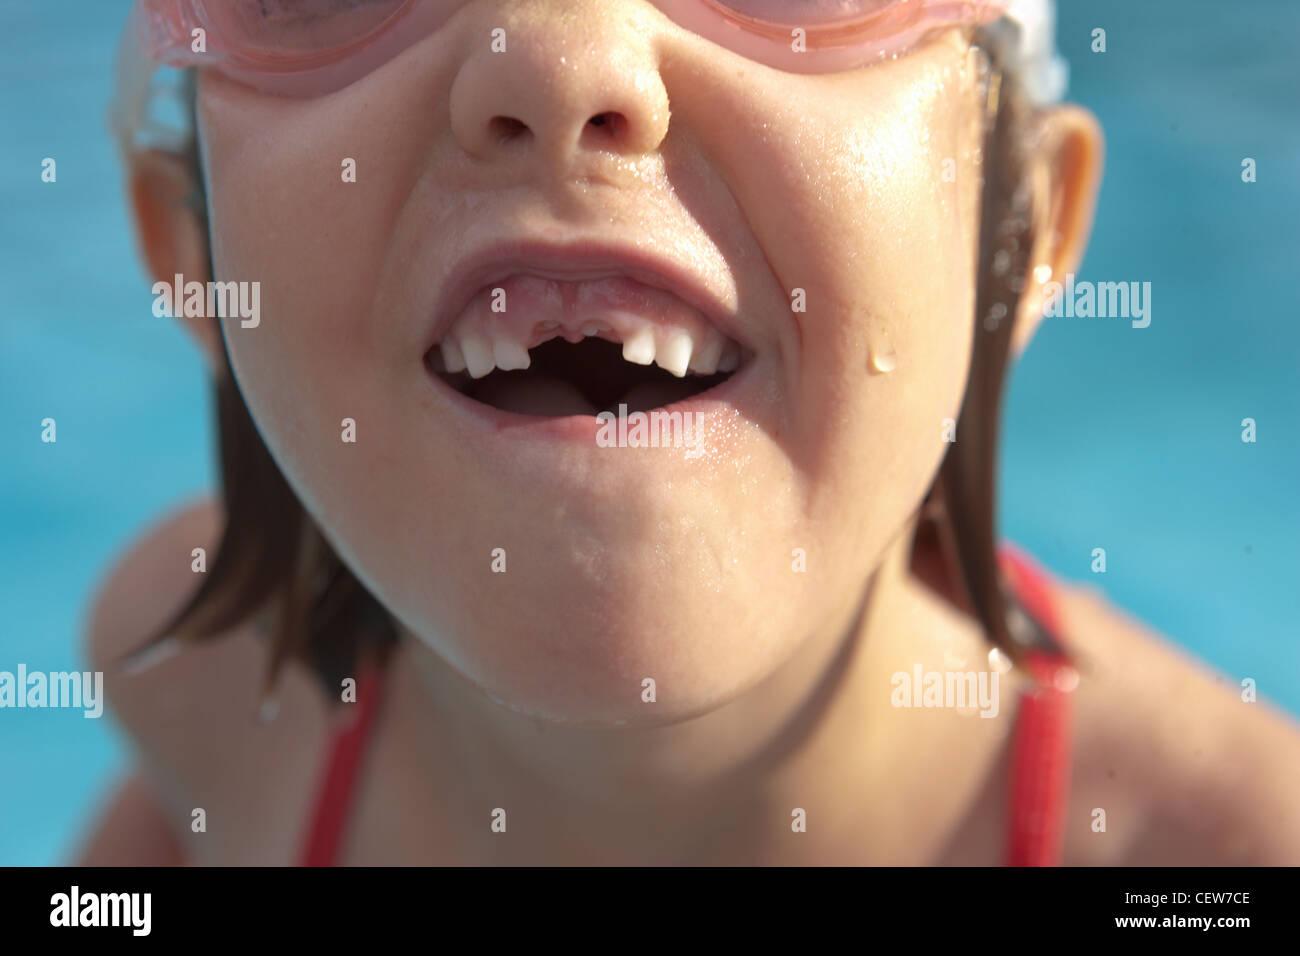 Primer plano de una niña con su falta de dientes frontales Foto de stock